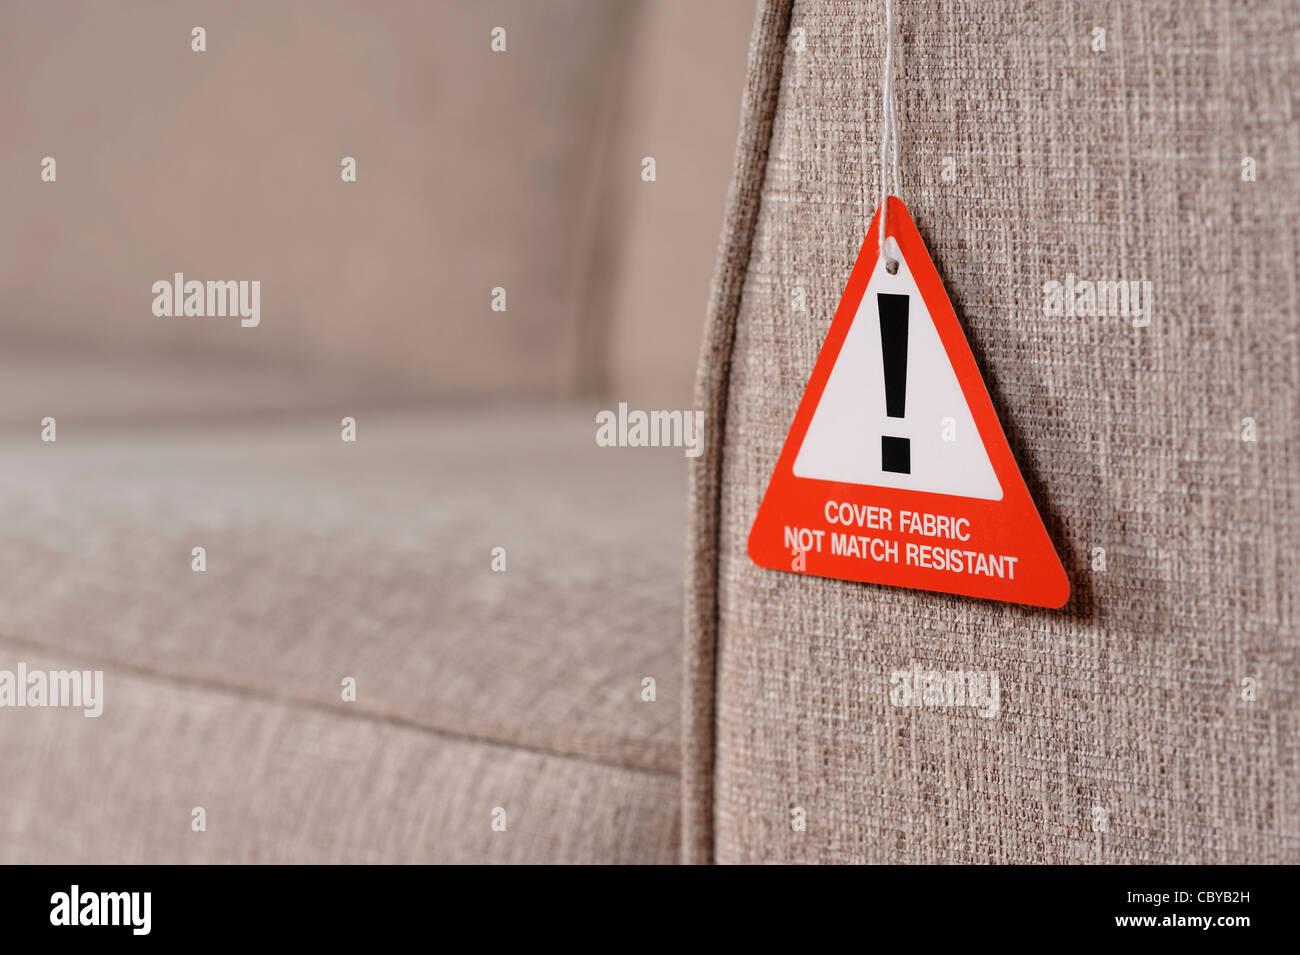 Sofá de la etiqueta de advertencia de seguridad contra incendios Imagen De Stock